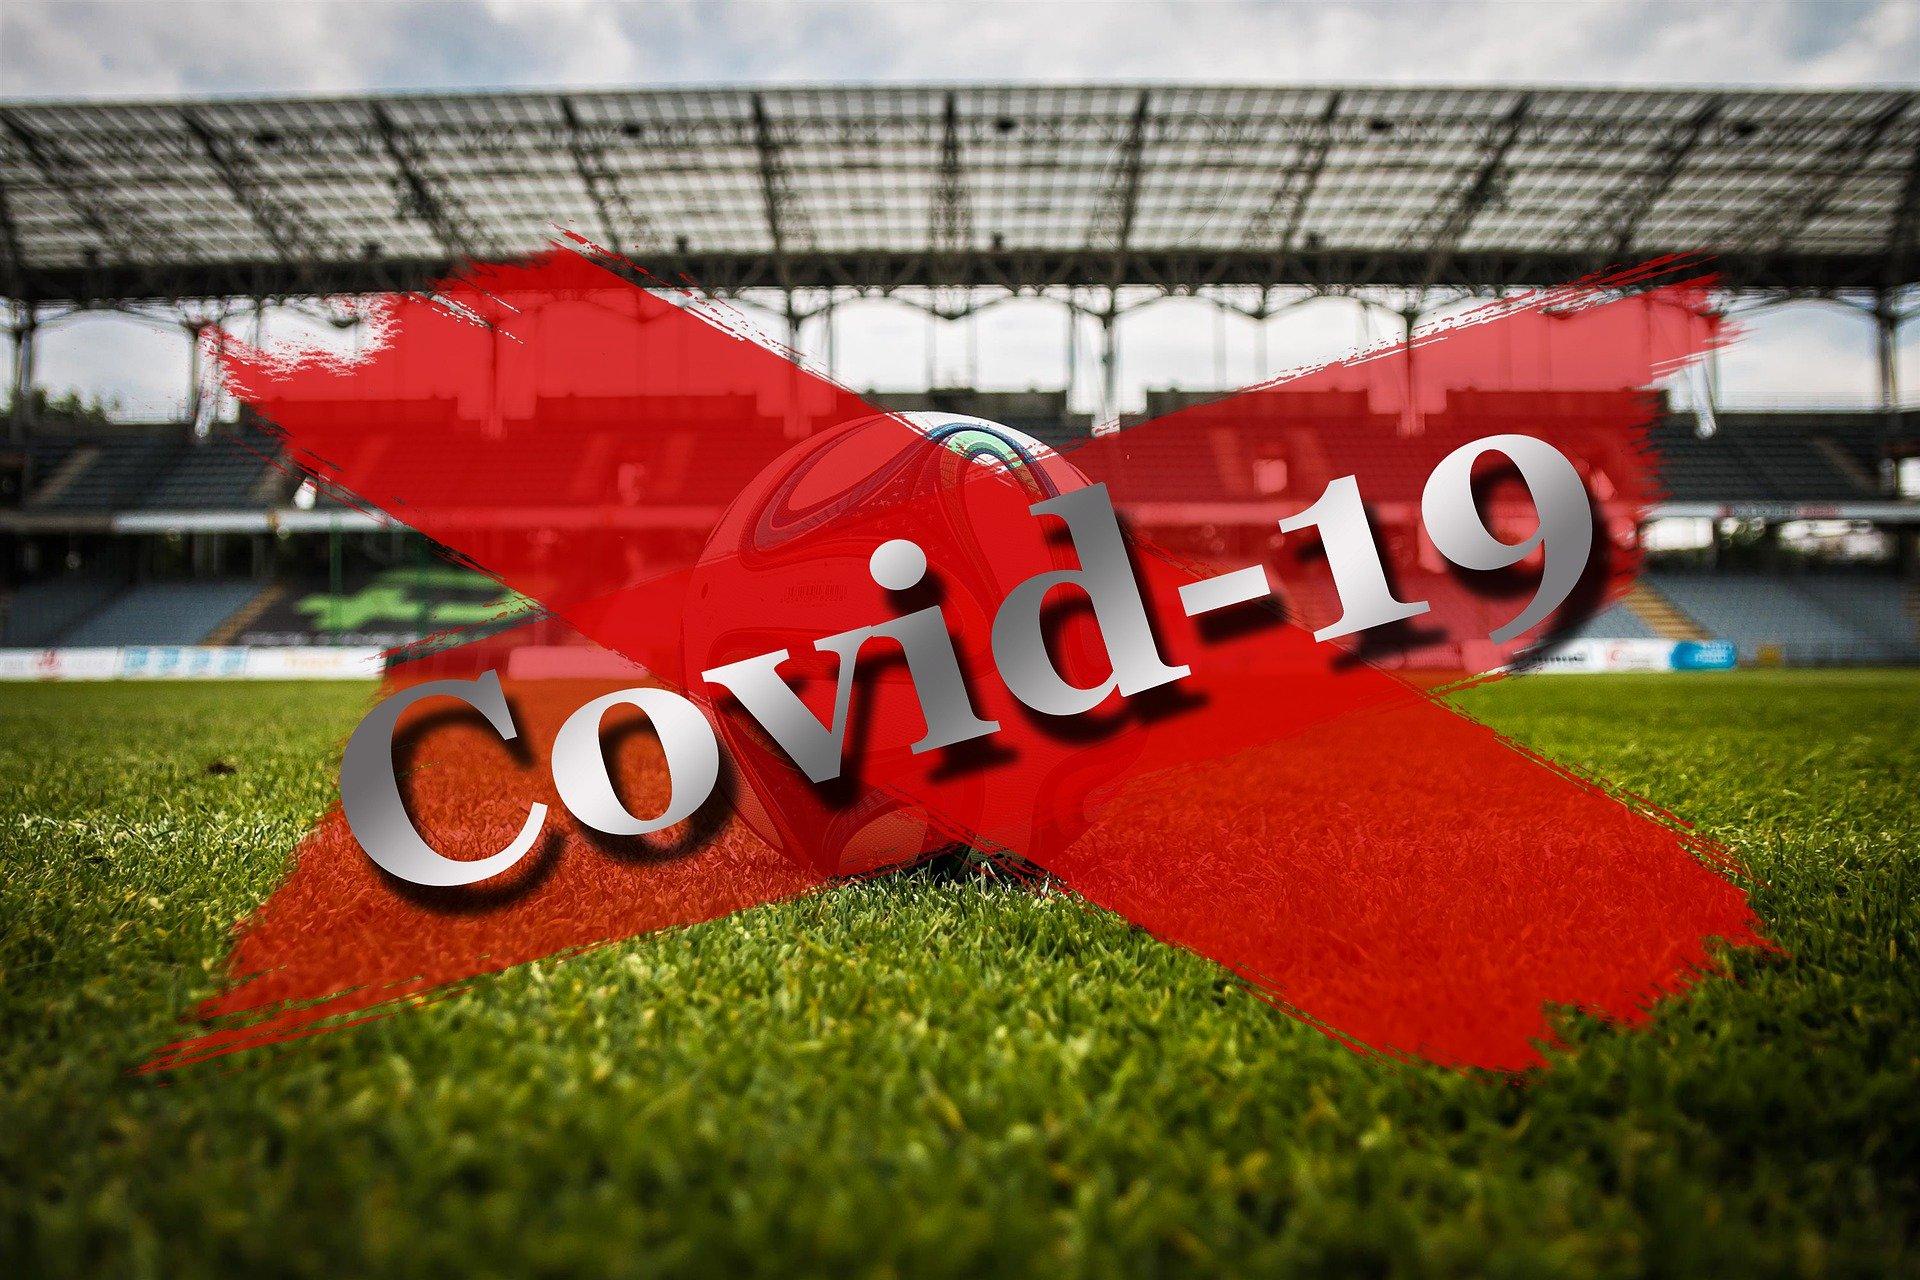 Wegen Corona wird die Saison 2020/21 annulliert